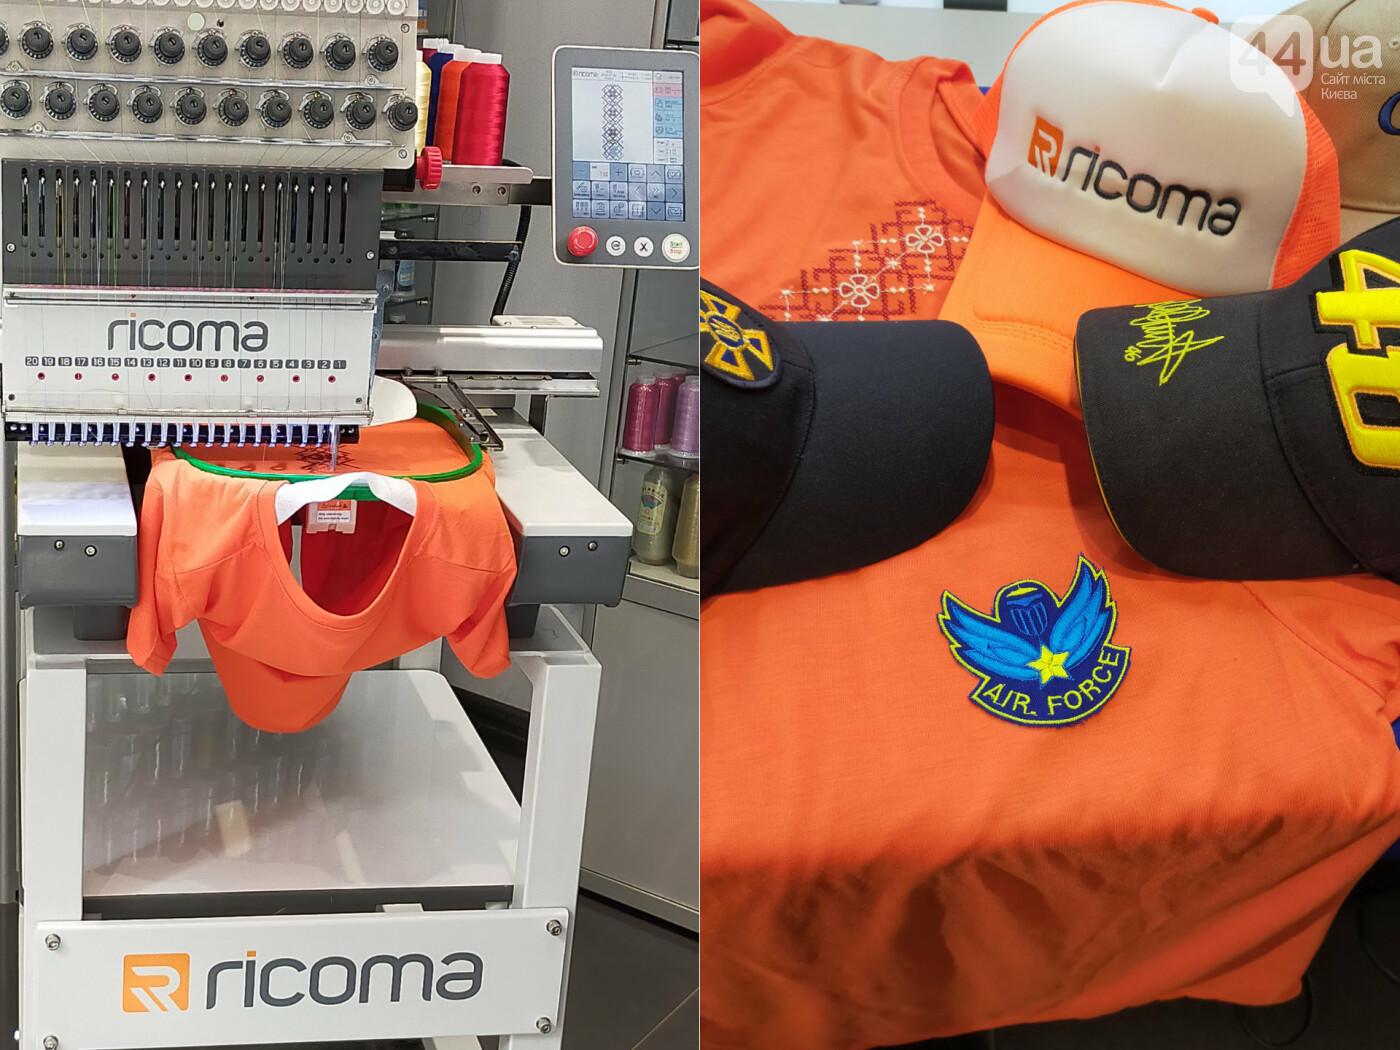 Легкий старт вышивального бизнеса. Пакеты «Ricoma Украина», фото-1